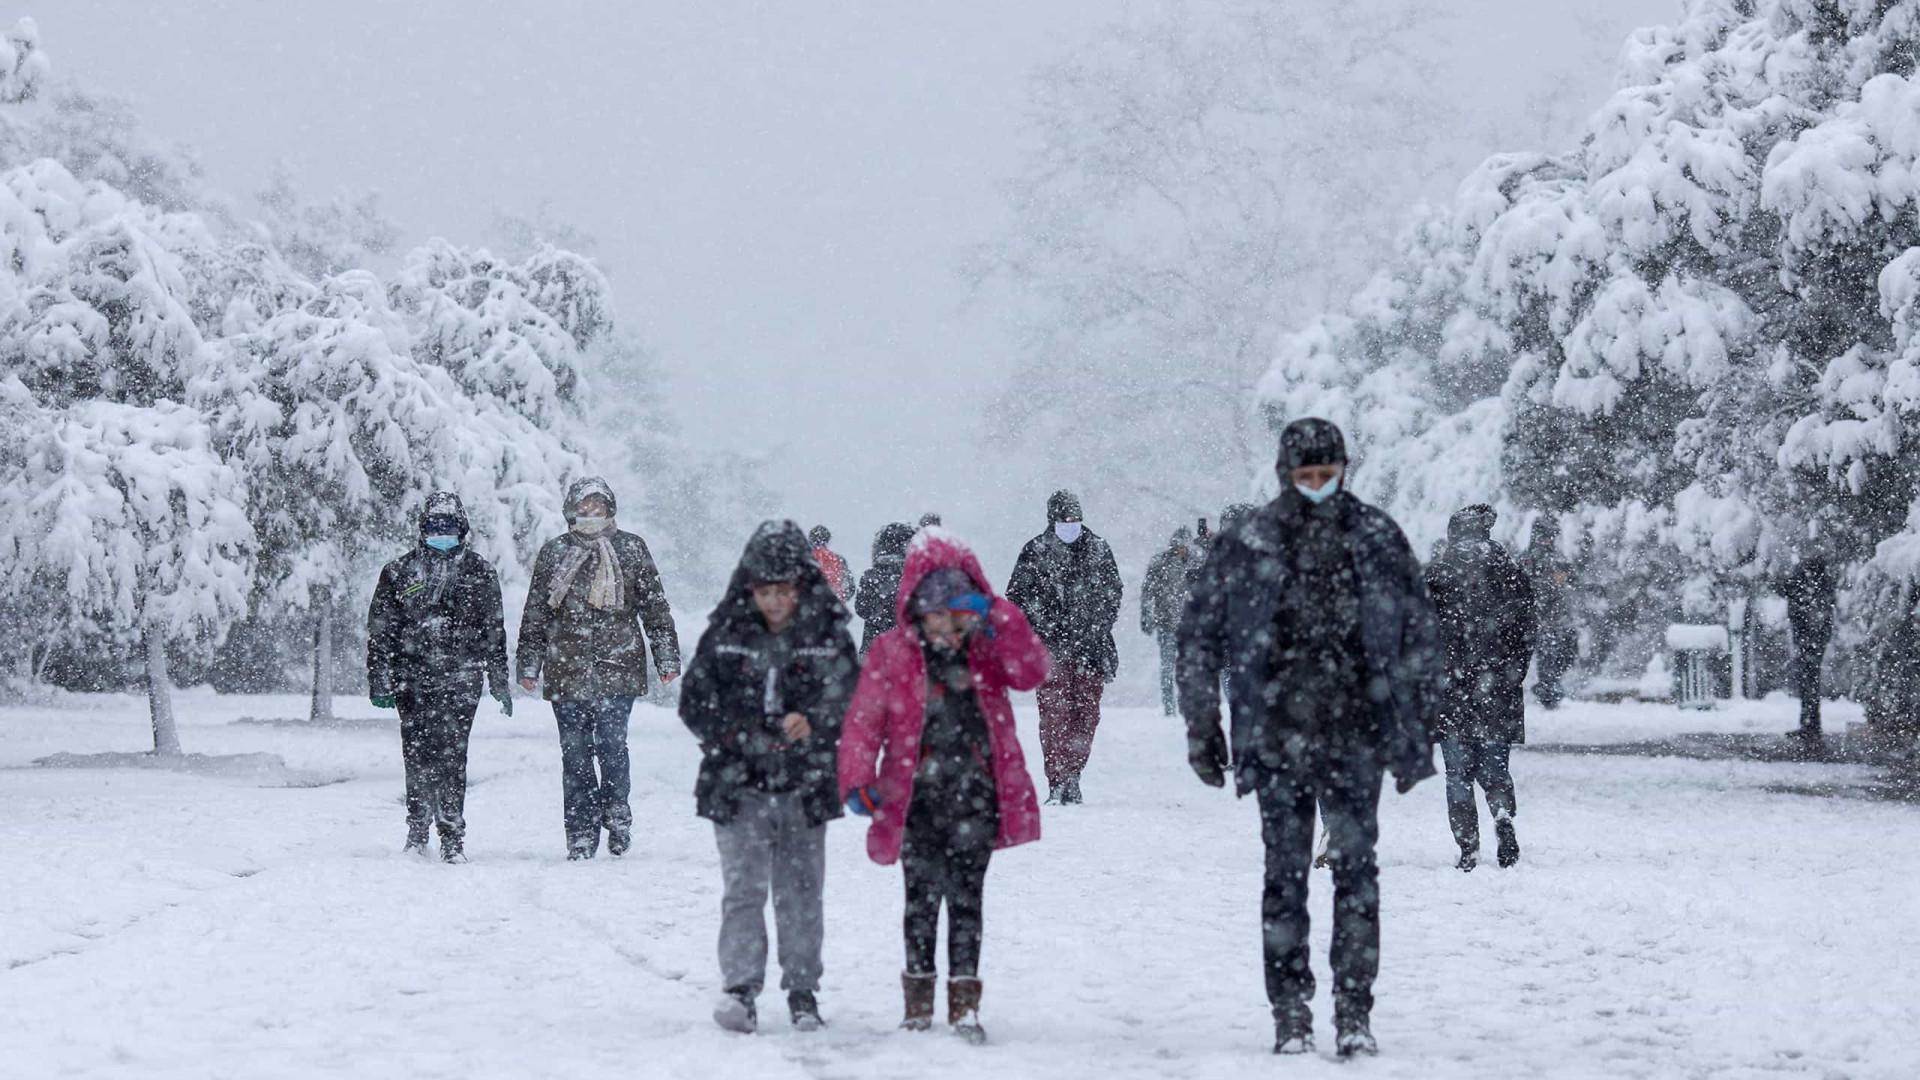 Onda de frio deixa ao menos 20 mortos e 5 milhões sem energia nos EUA